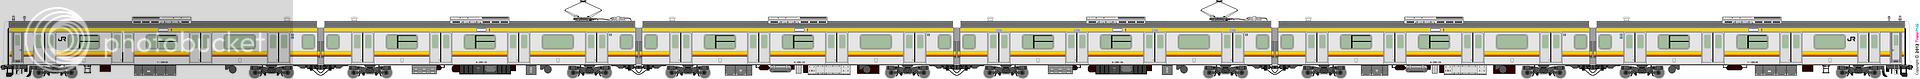 [5524] 東日本旅客鉄道 1924